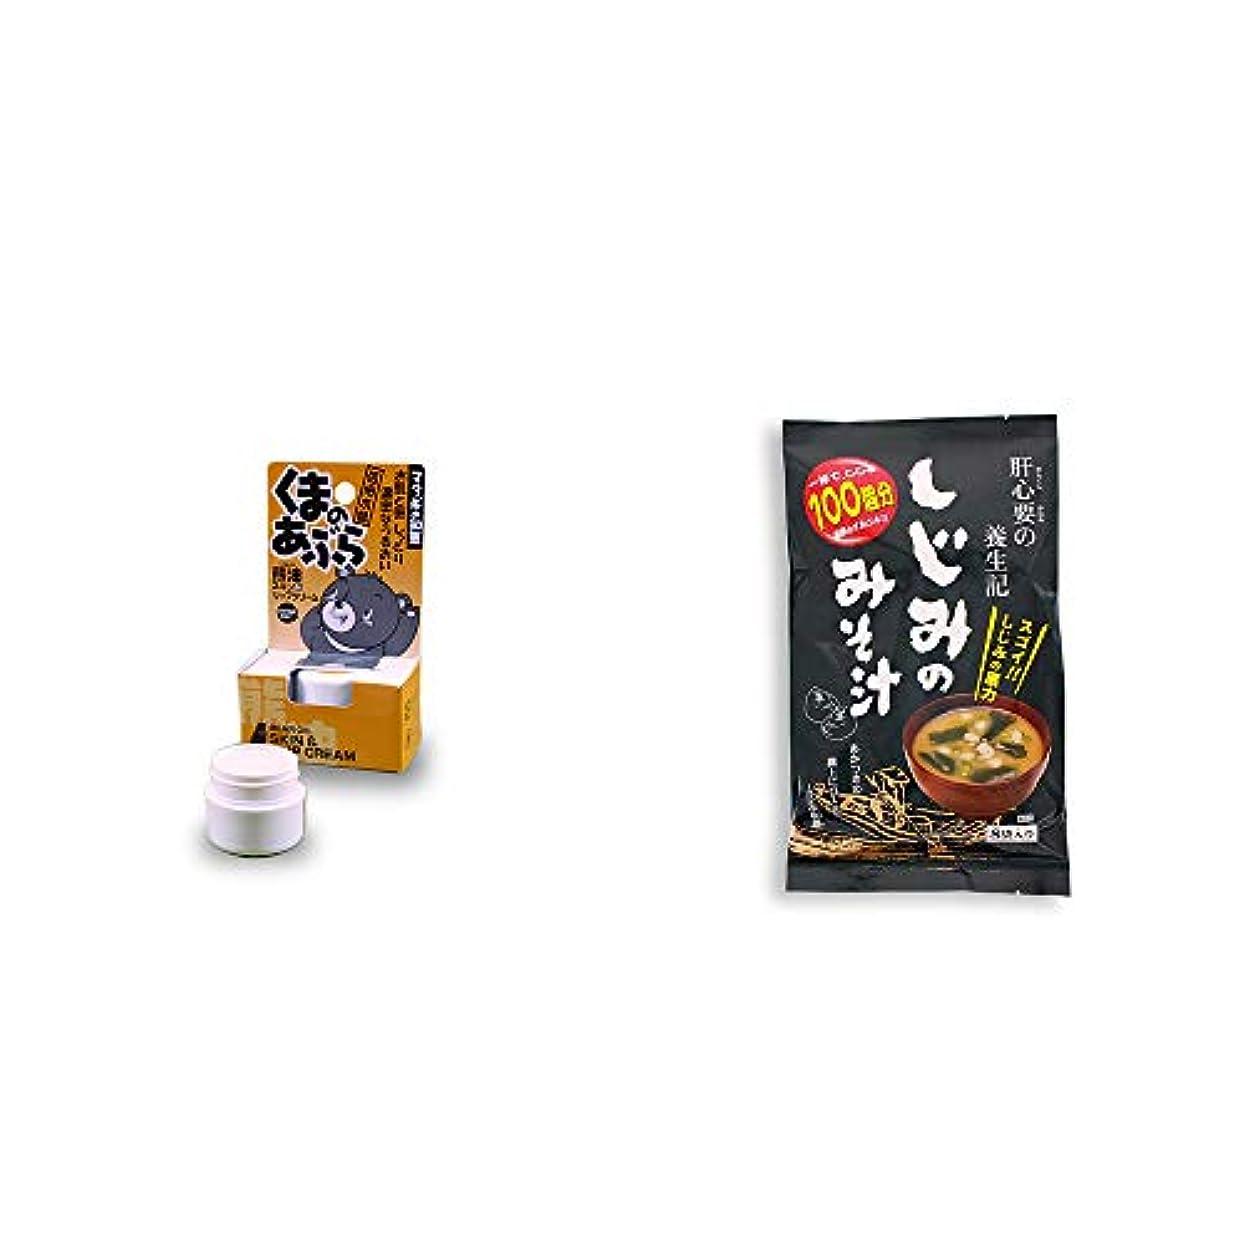 荒野シャープシフト[2点セット] 信州木曽 くまのあぶら 熊油スキン&リップクリーム(9g)?肝心要の養生記 しじみのみそ汁(56g(7g×8袋))